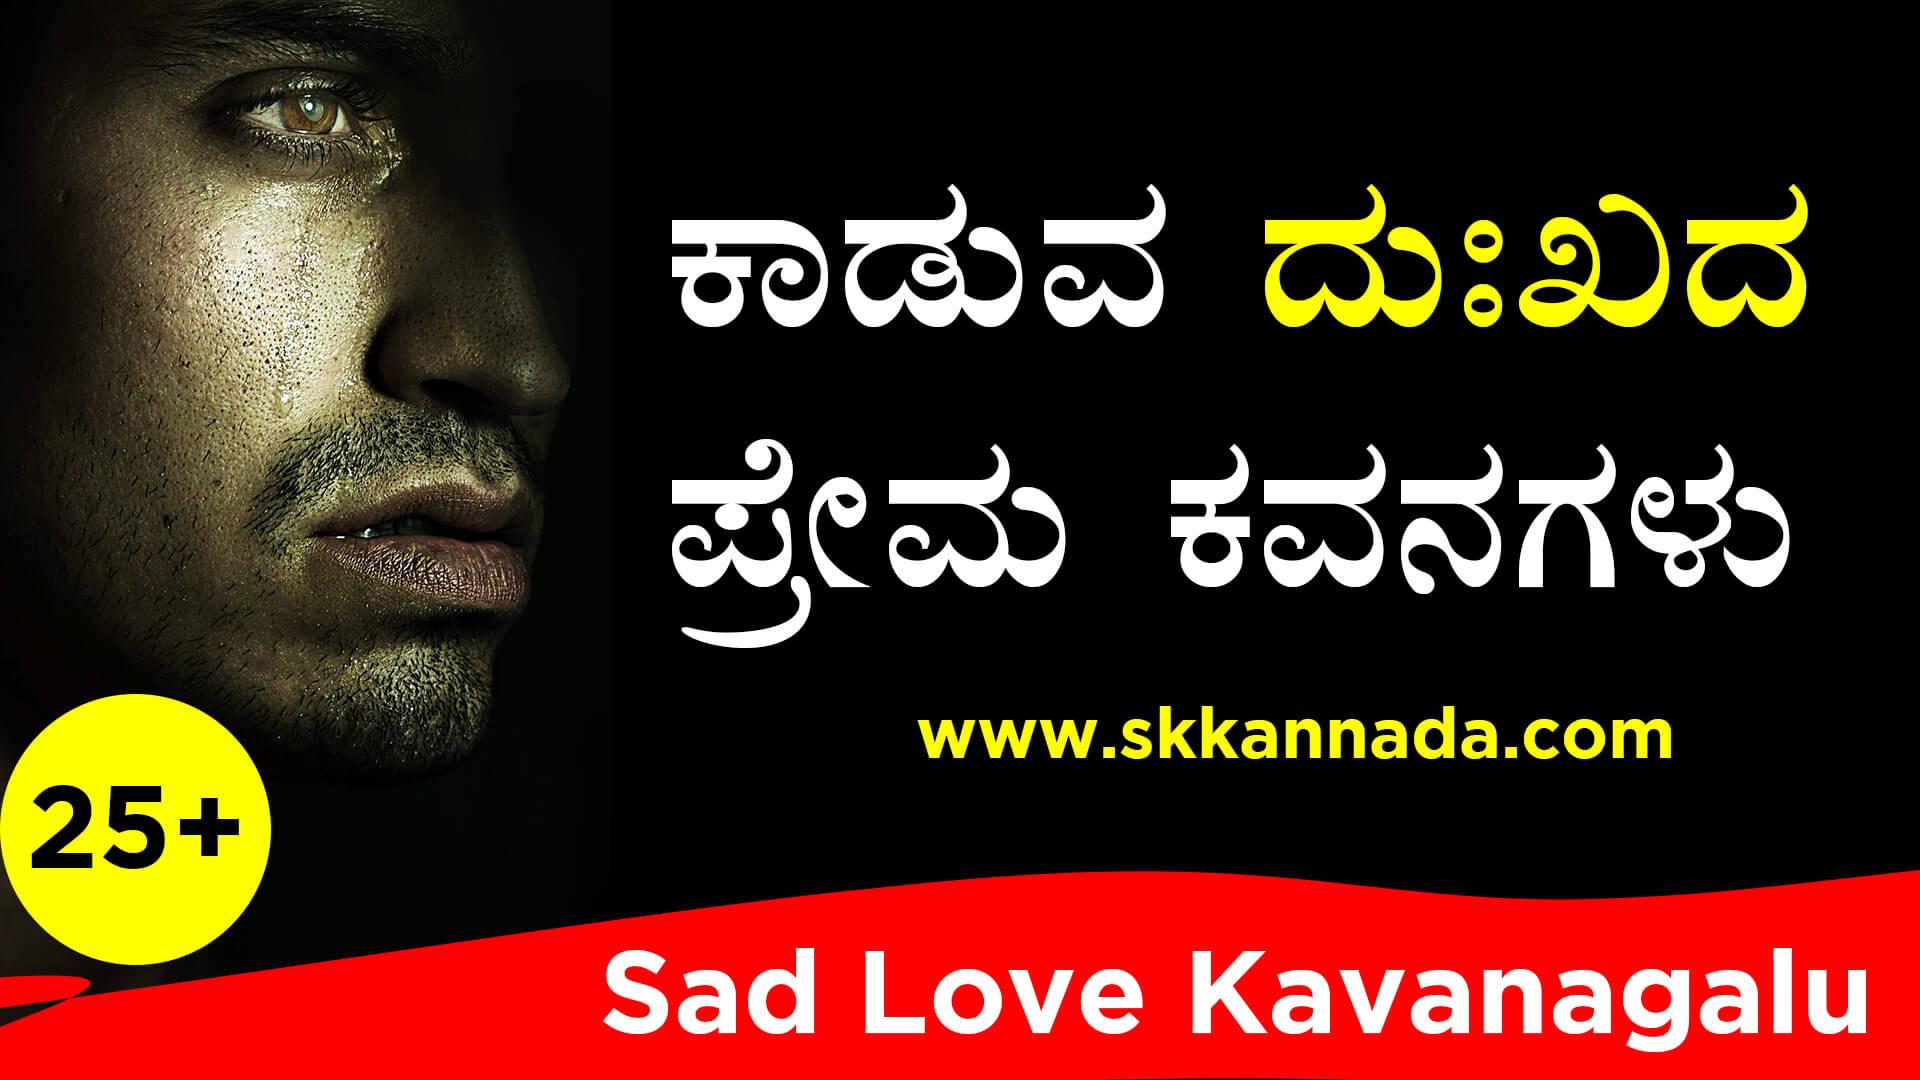 ಕಾಡುವ ದುಃಖದ ಪ್ರೇಮ ಕವನಗಳು : Kannada Sad Prema Kavanagalu Poems